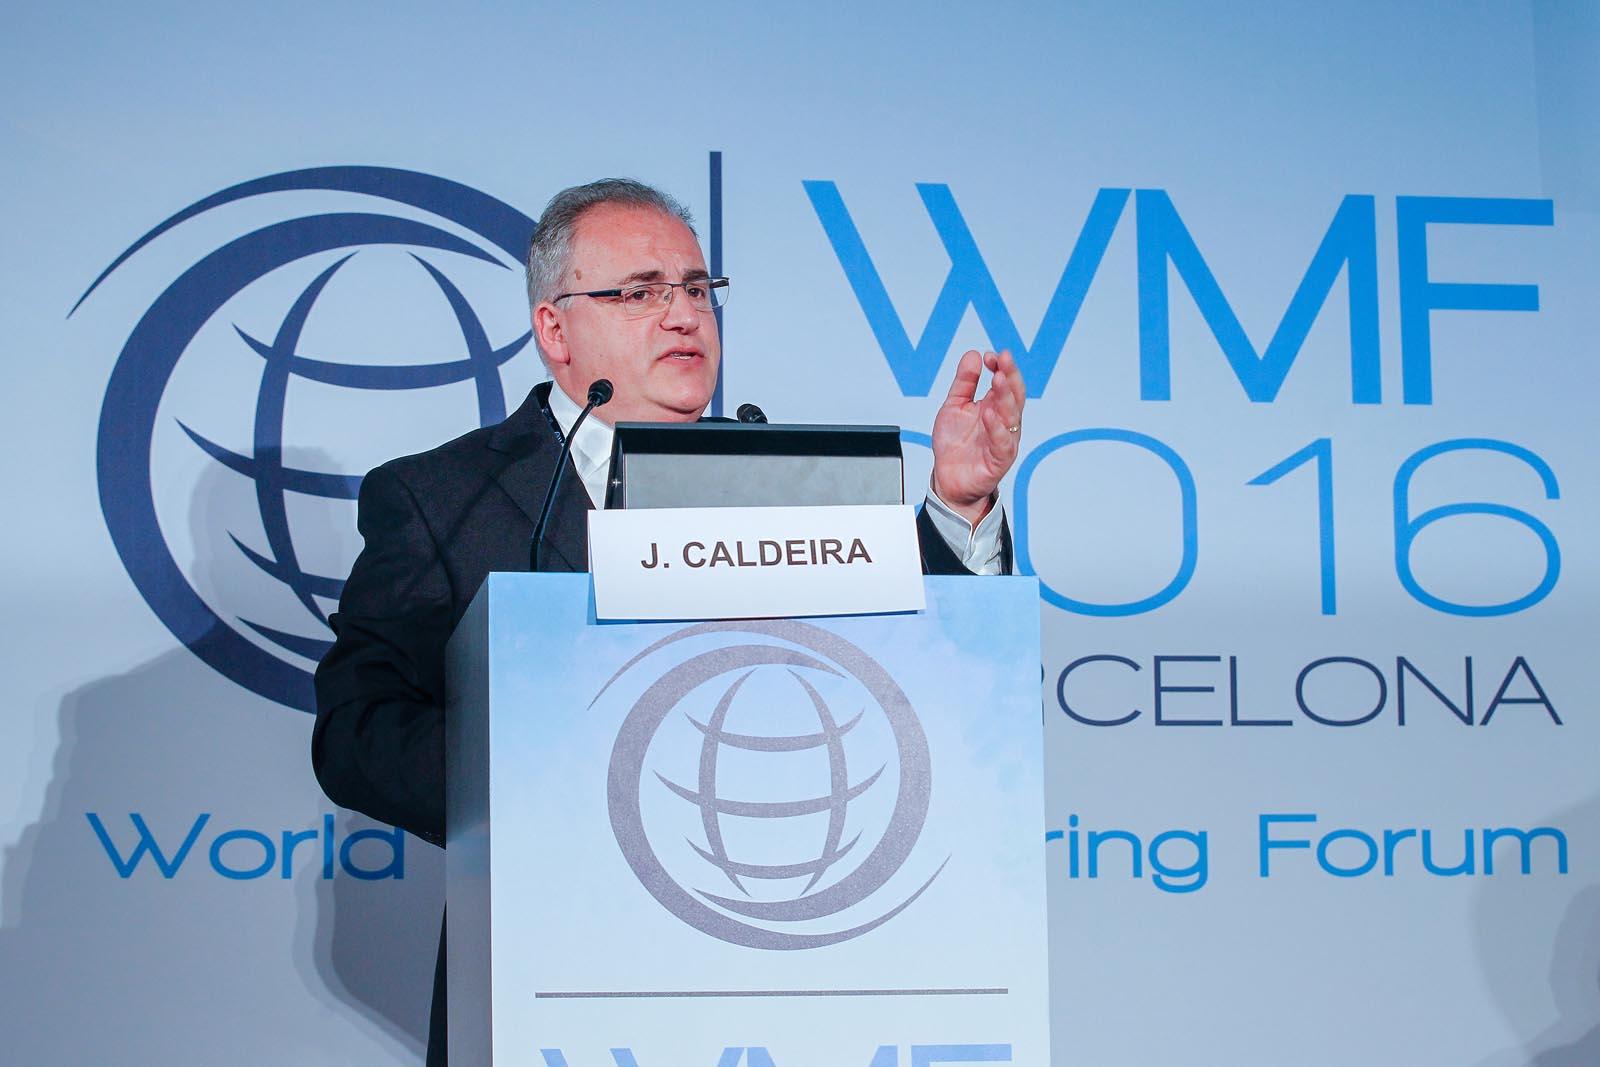 José Caldeir